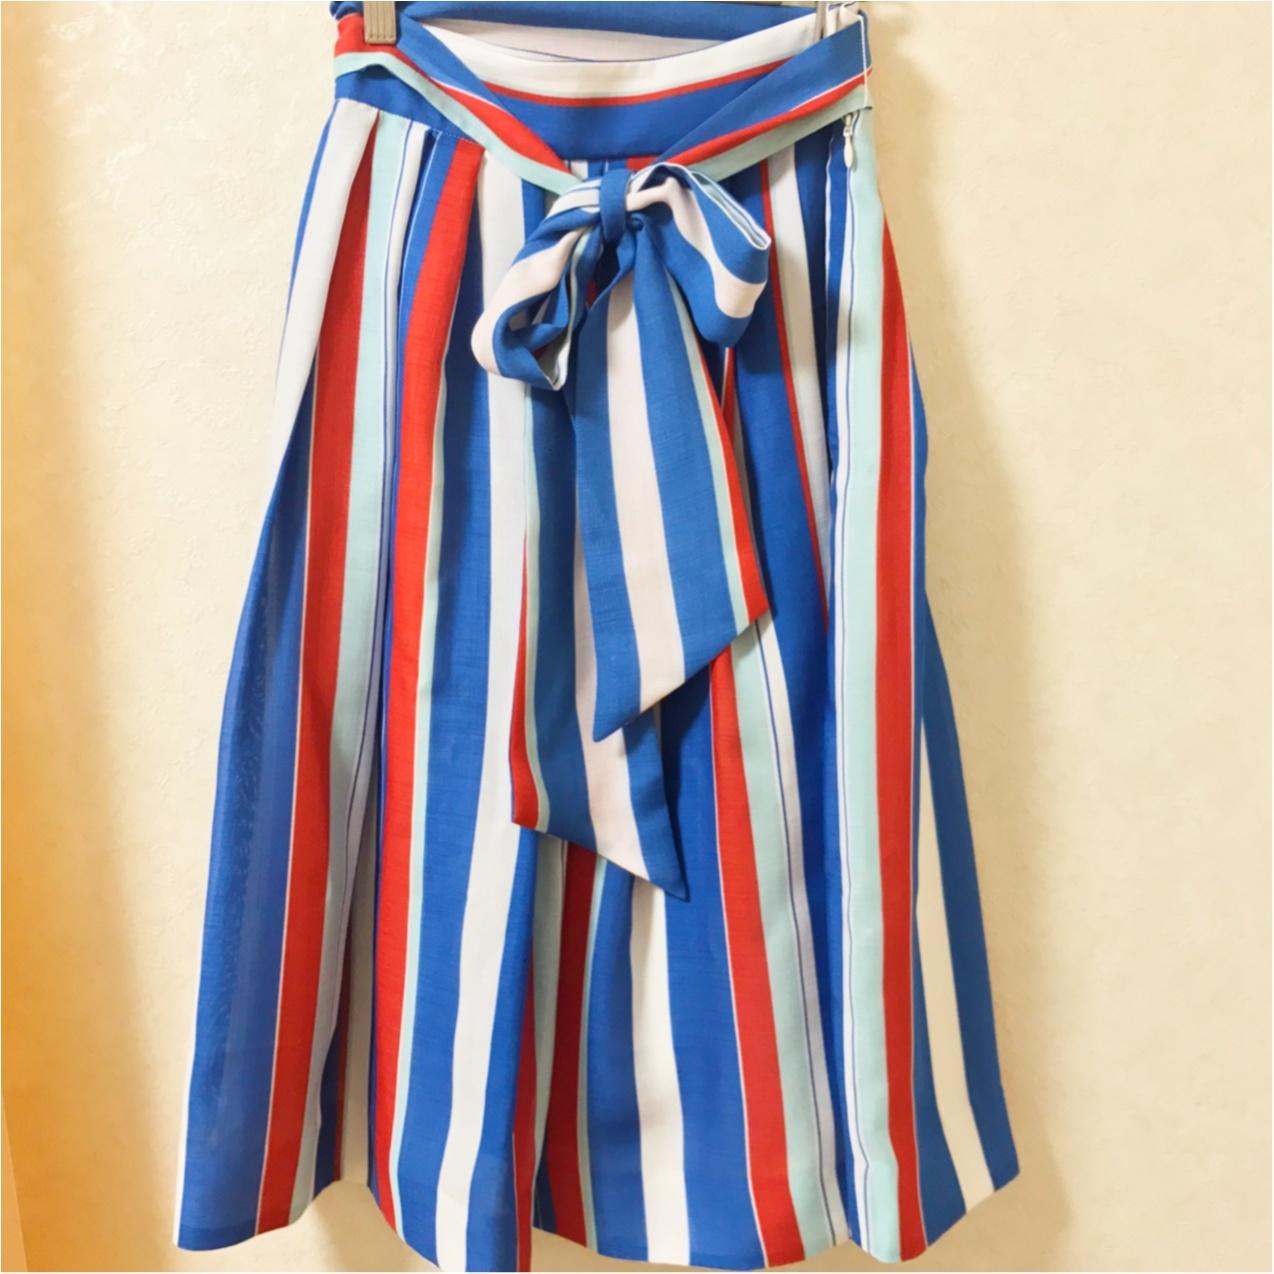 完売アイテムをセールでget!《And Couture》の主役級スカートにひとめぼれ♡_1